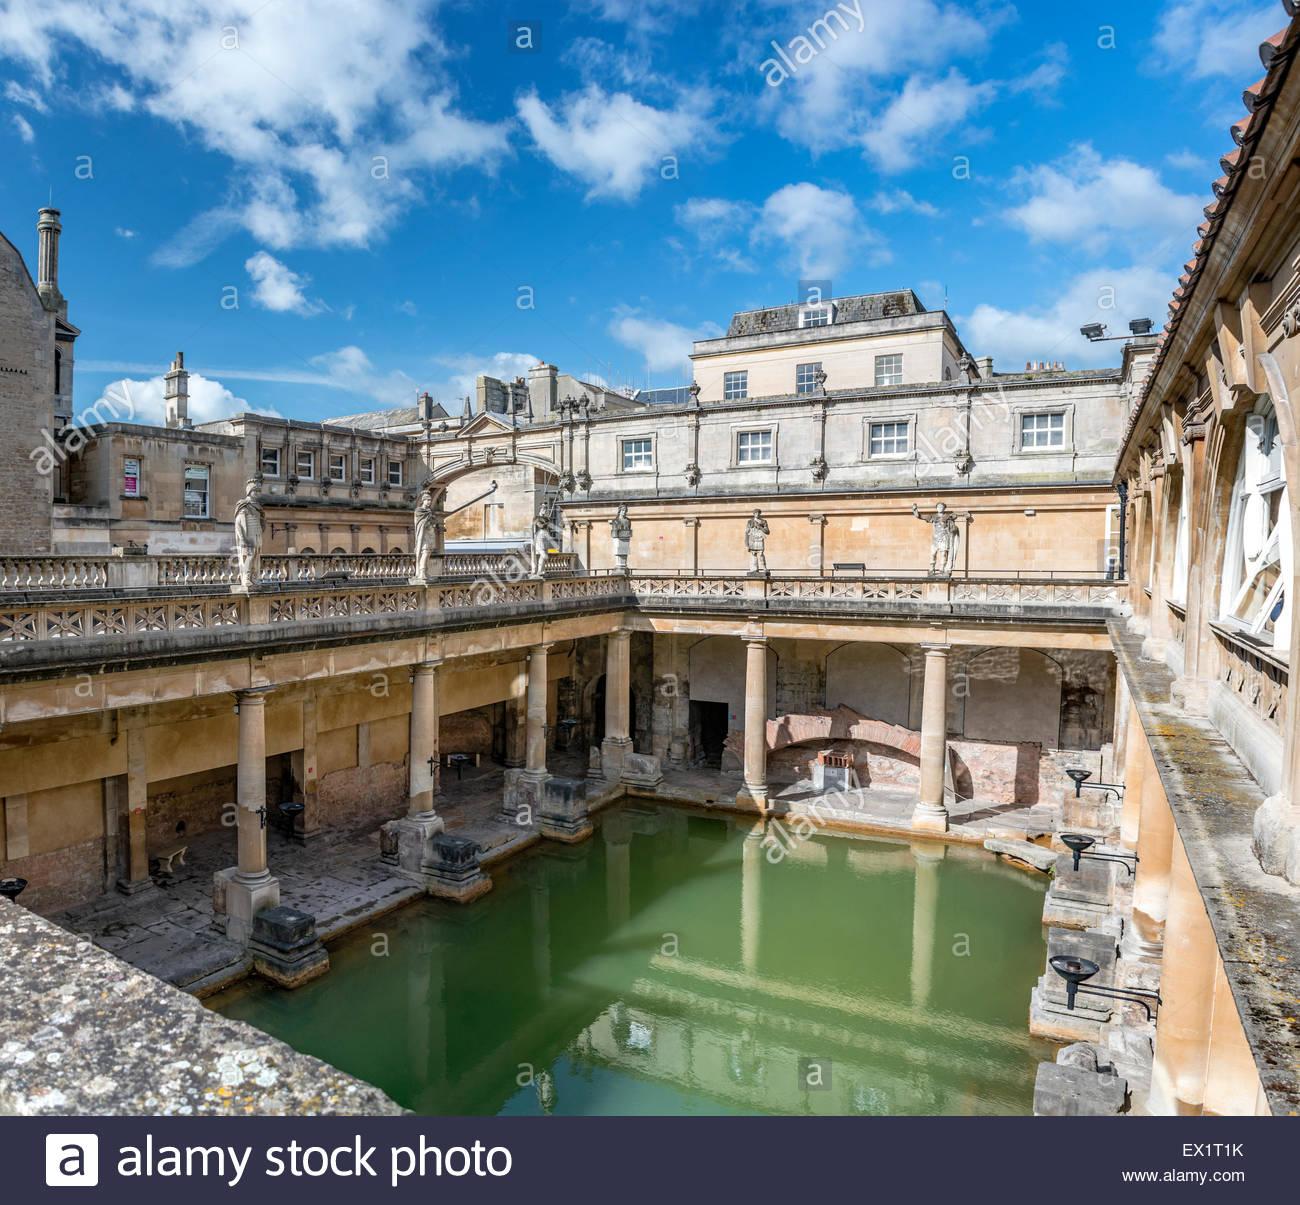 El complejo de baños romanos, un sitio de interés histórico en la ciudad inglesa de Bath, Somerset, Imagen De Stock